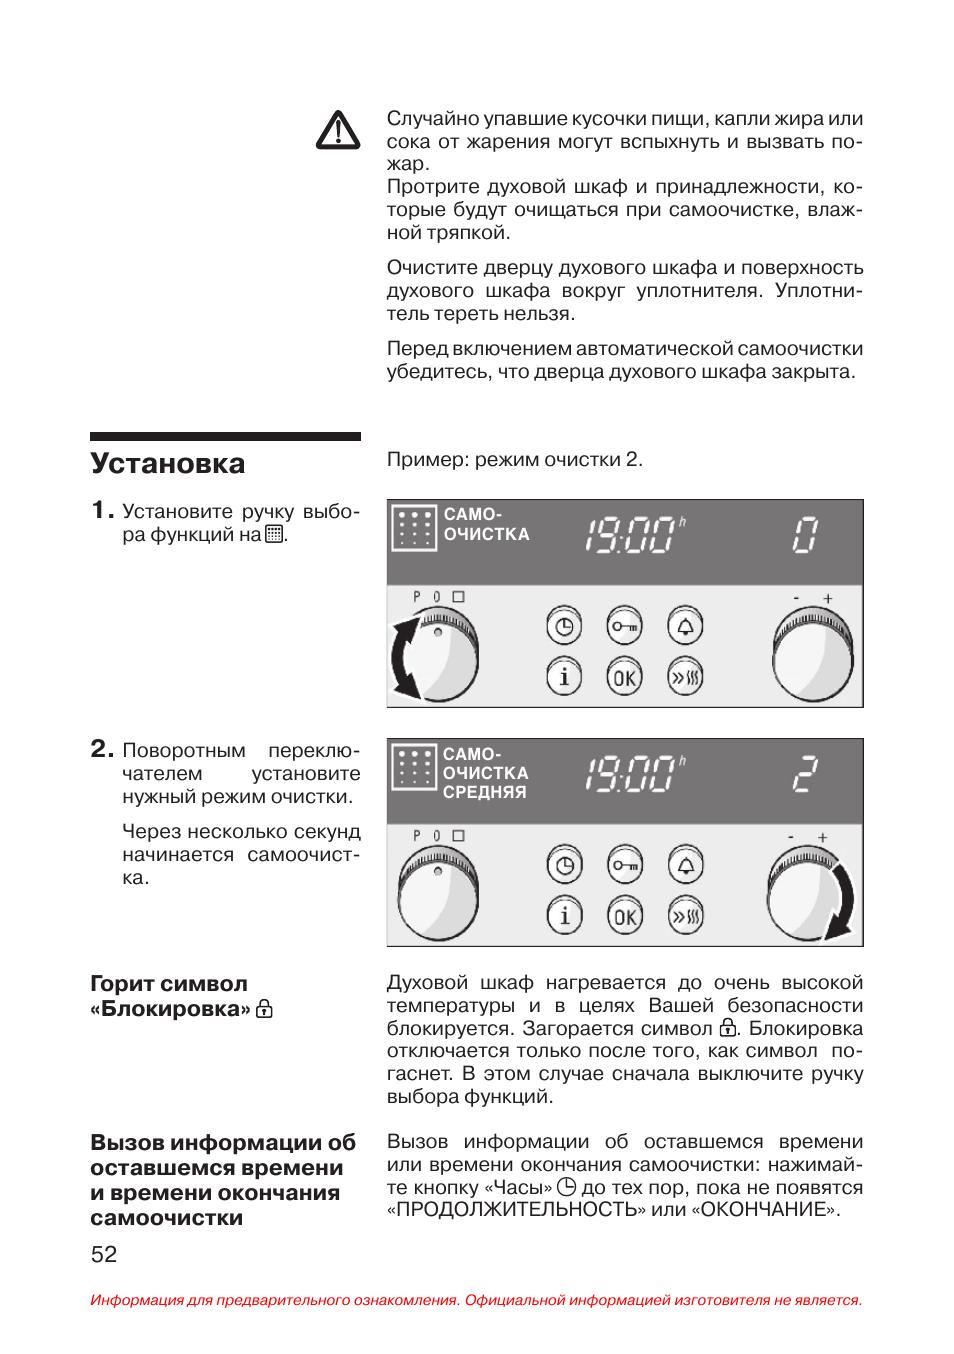 инструкция по эксплуатации электроплиты siemens hb